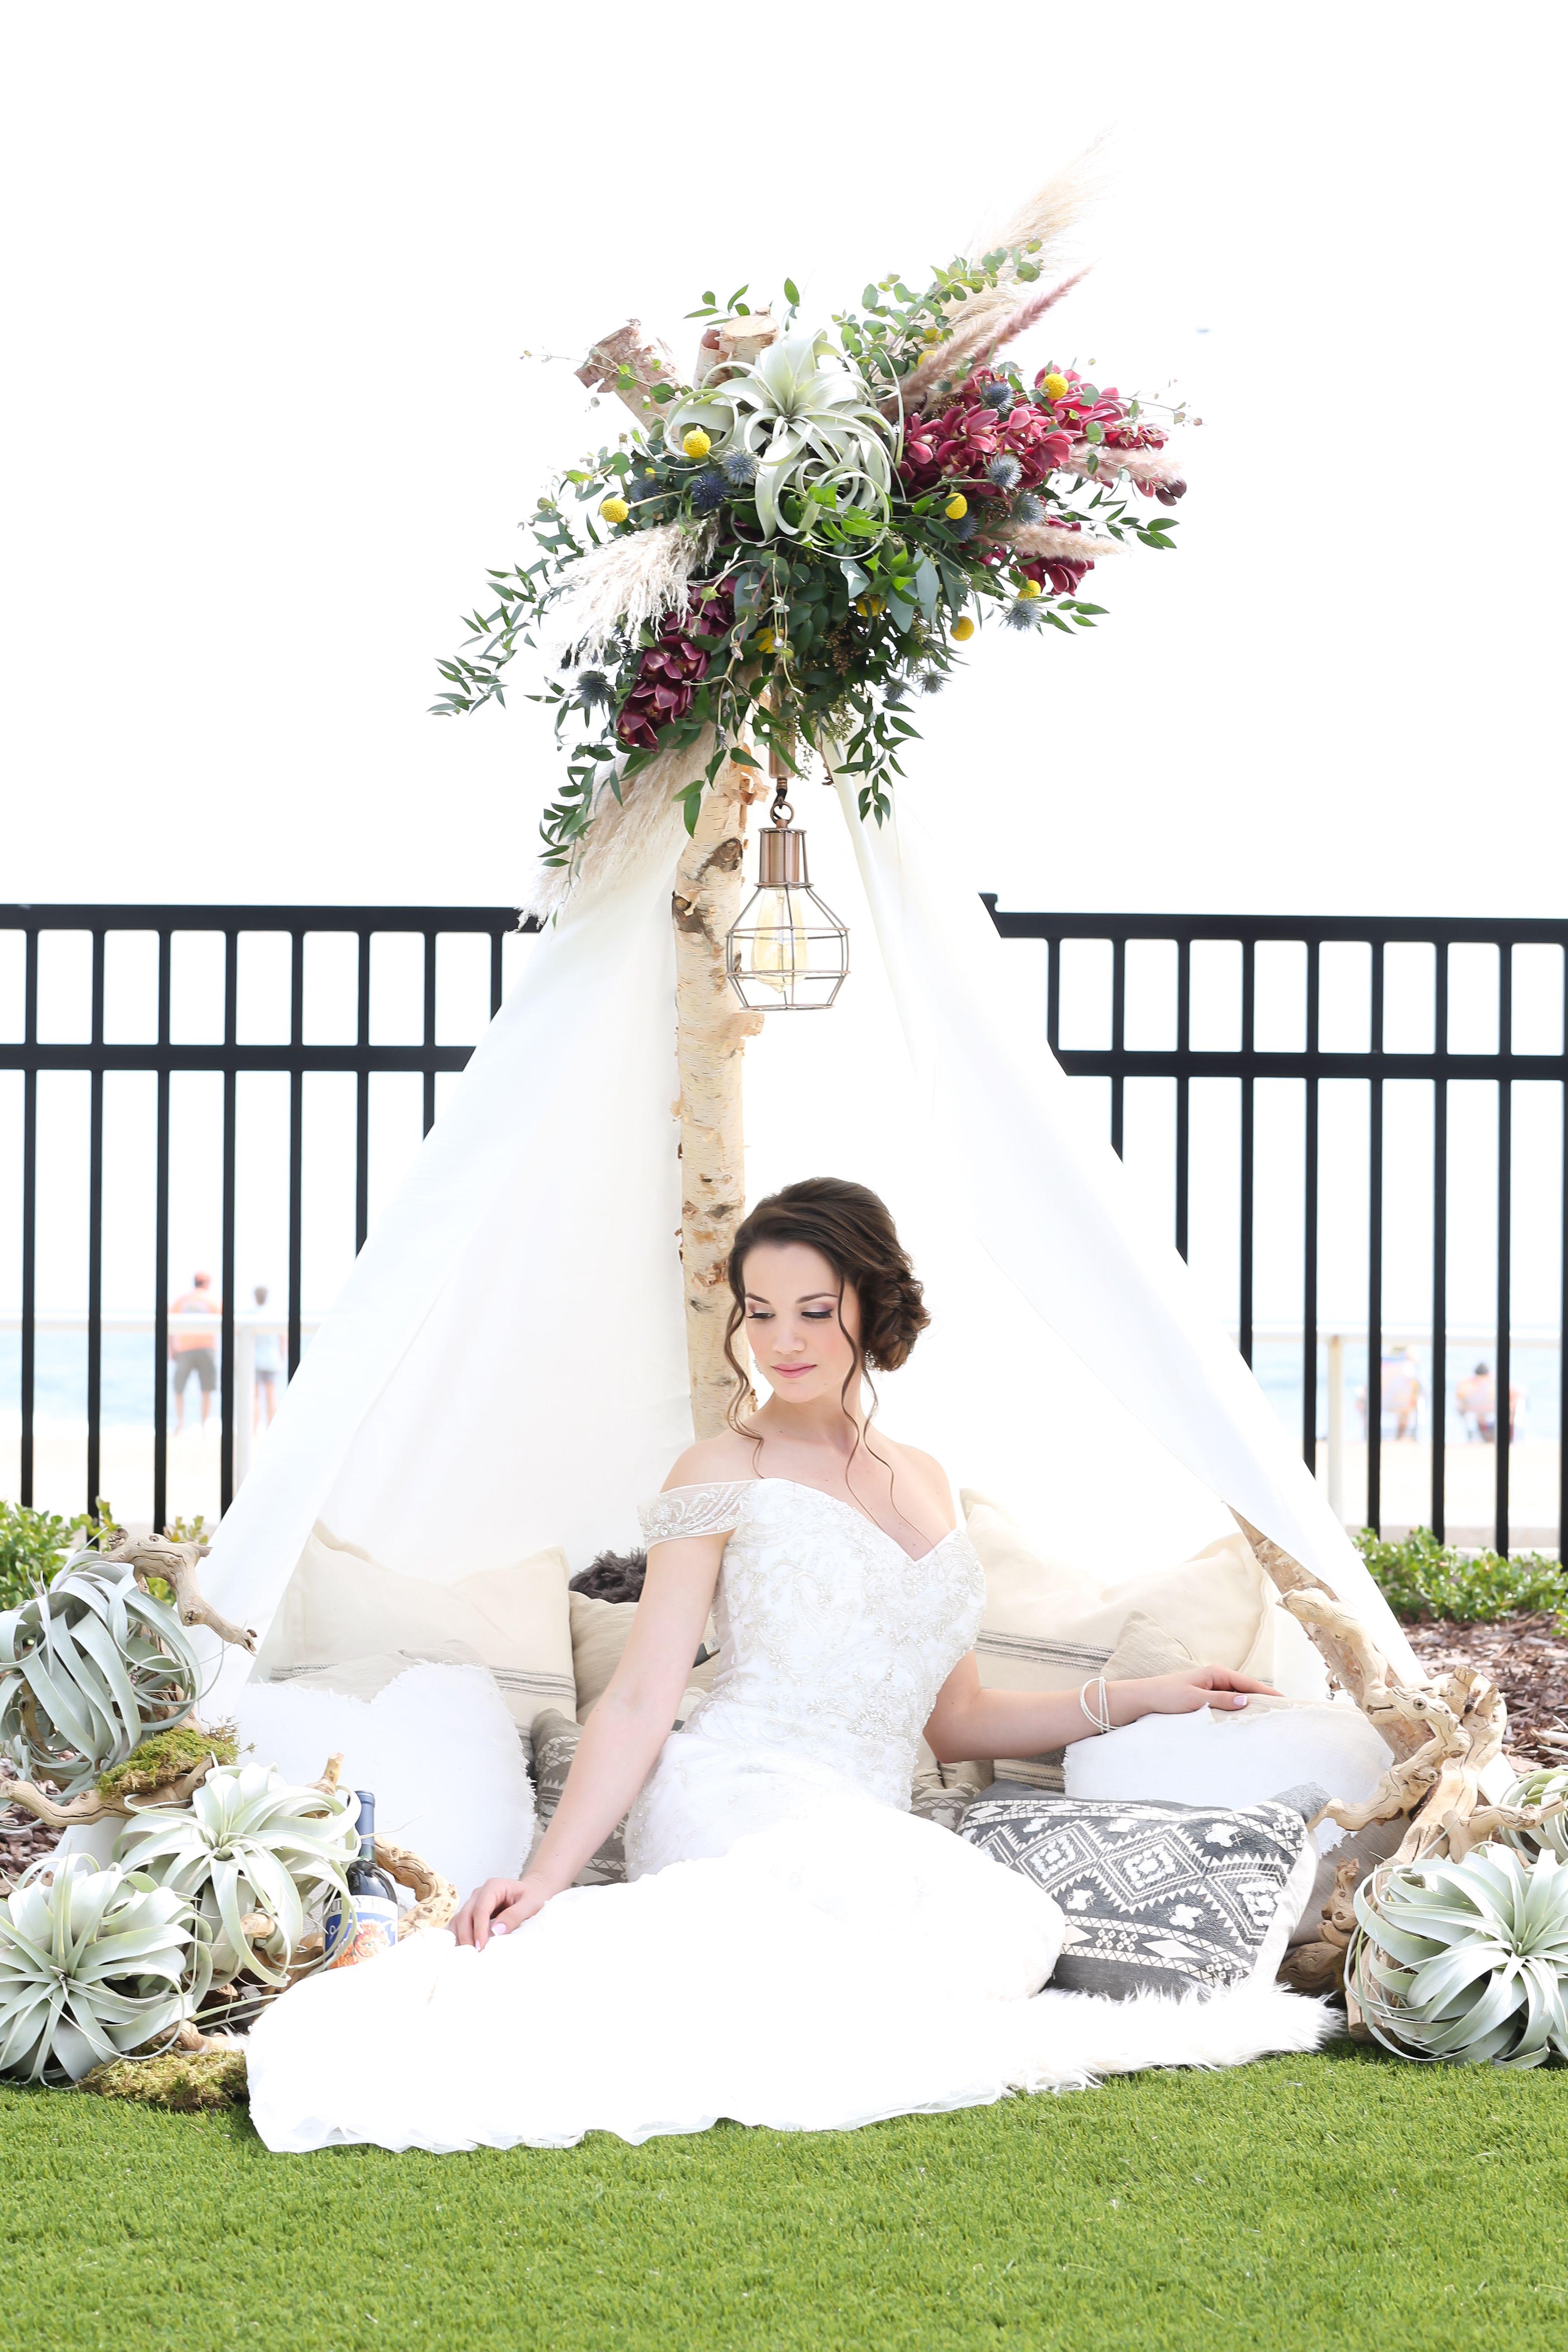 Teepee Picnic In 2020 Premier Bride Wedding Bride Brides Magazine